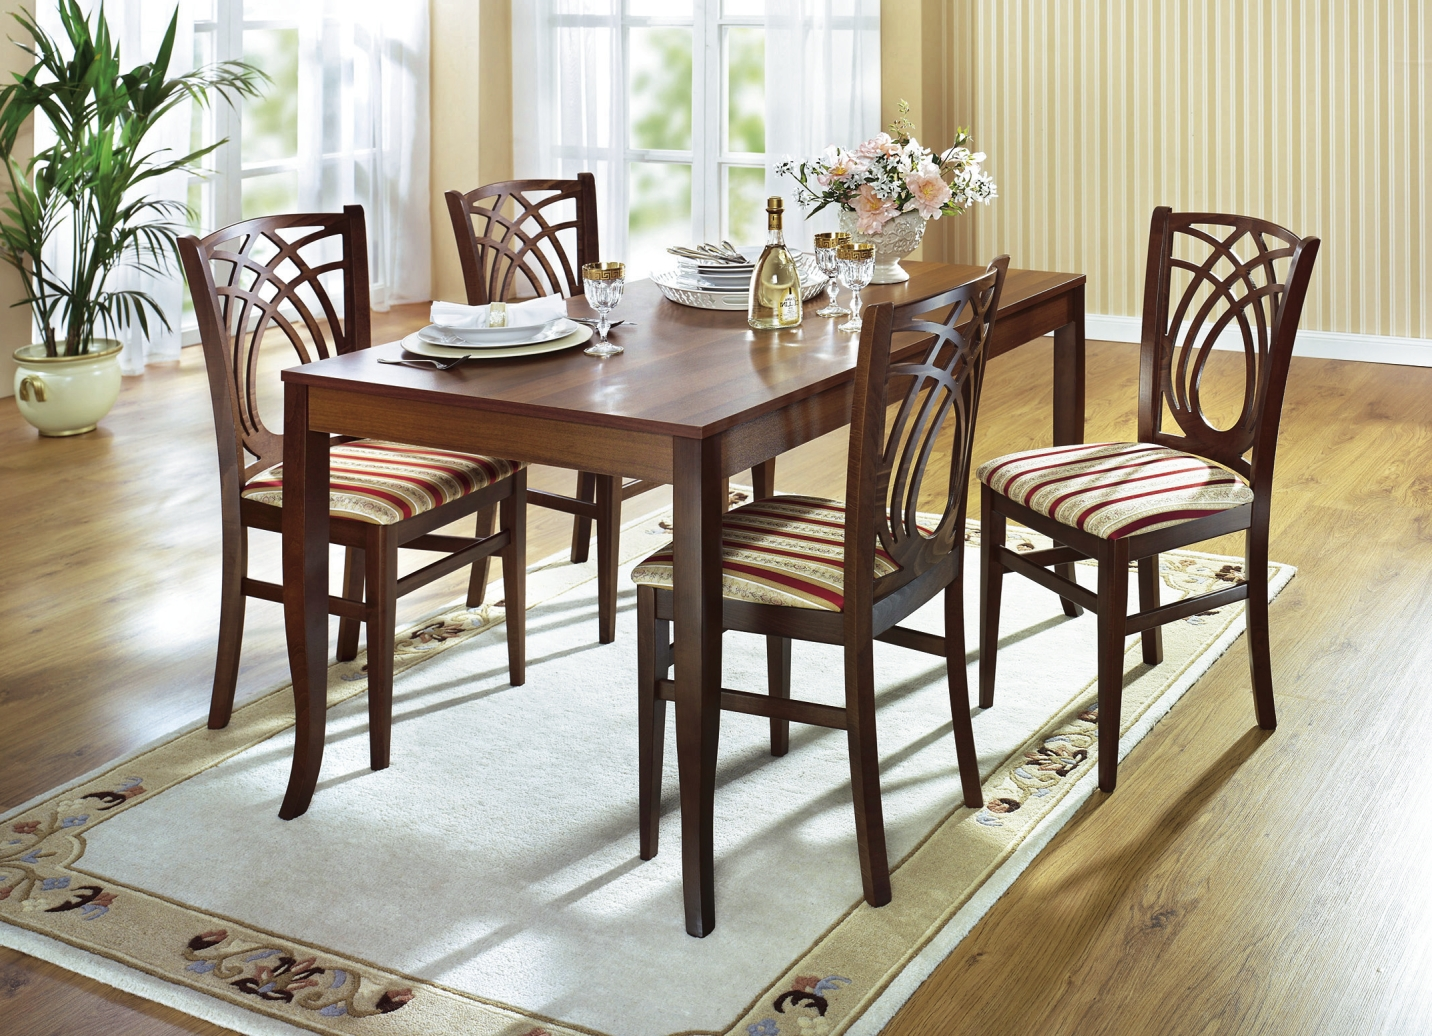 Esszimmermöbel in verschiedenen Ausführungen - Tische  BADER